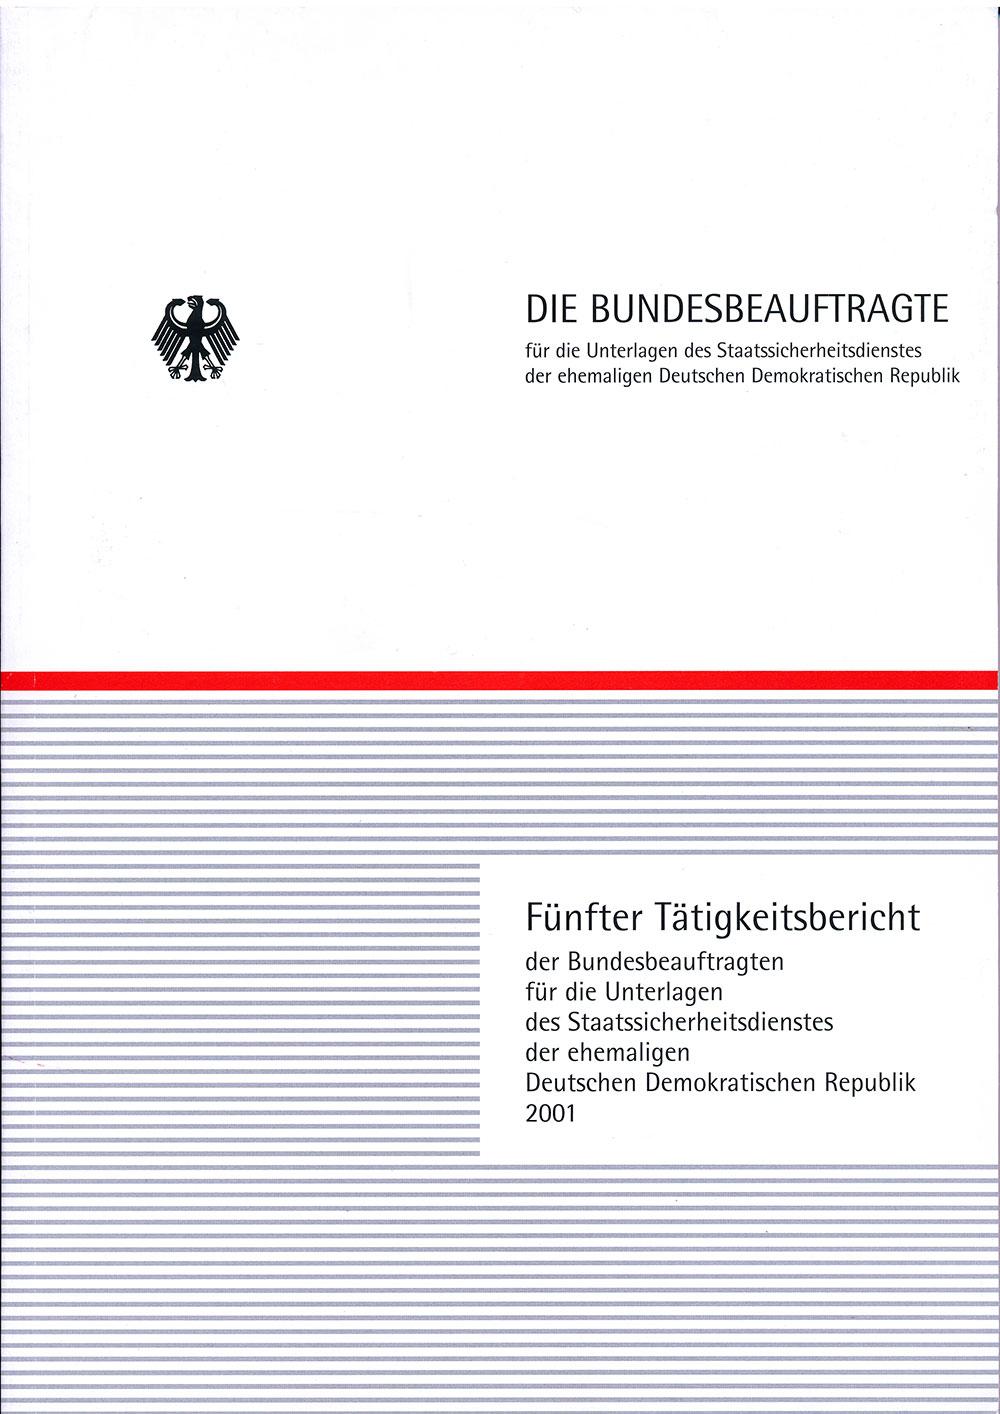 Titelblatt des fünften Tätigkeitsberichts des BStU